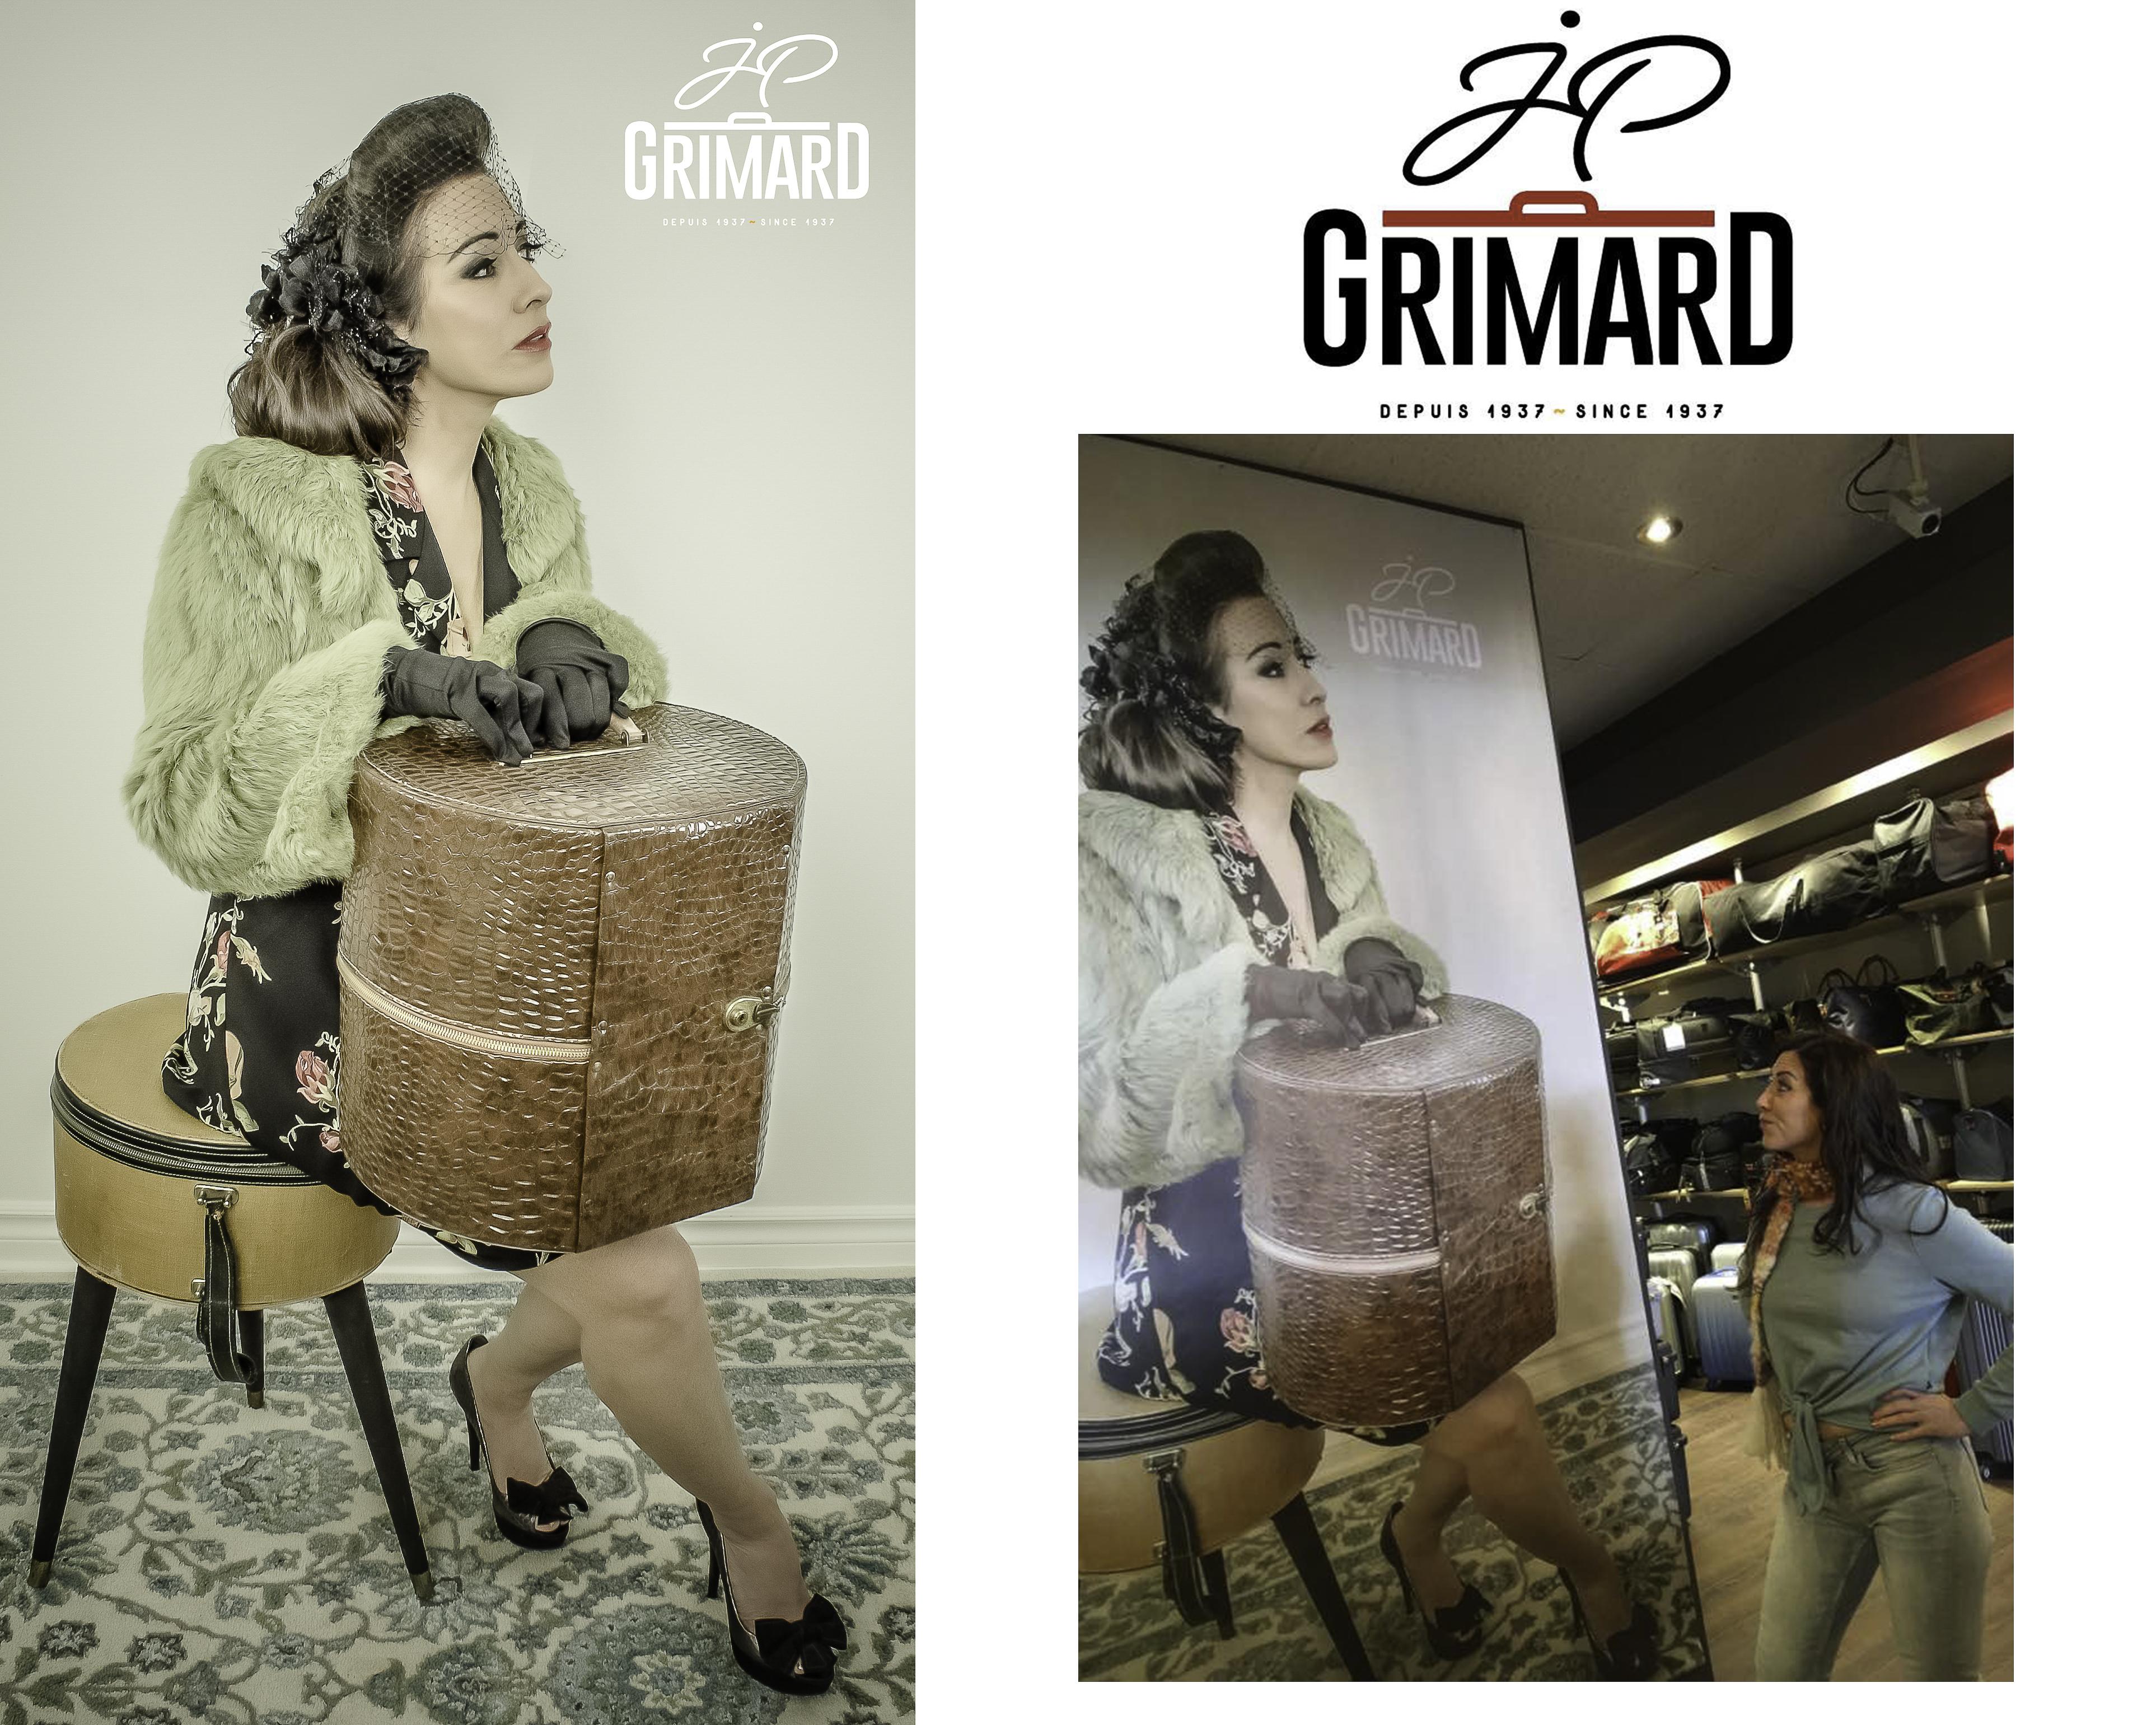 JP GRIMARD